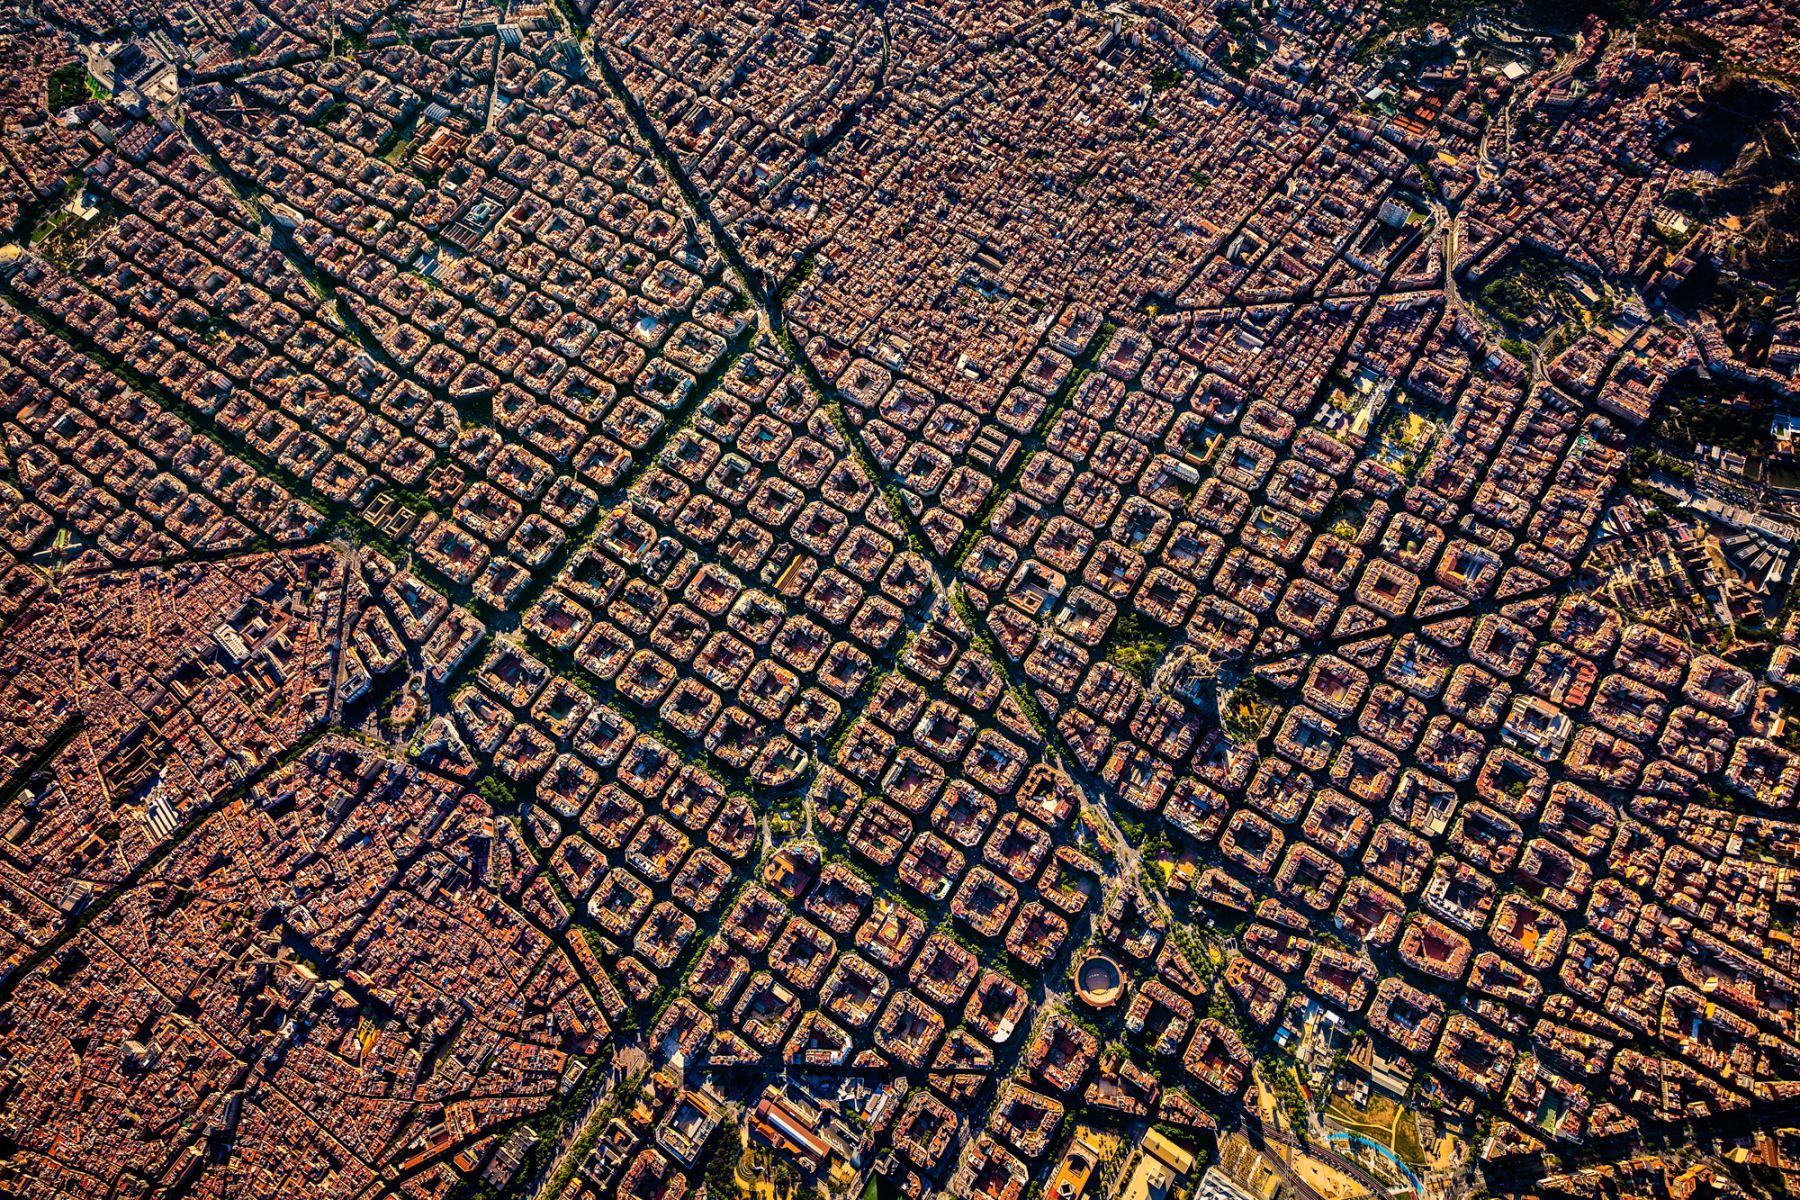 Barcelona II, May 17, 2015